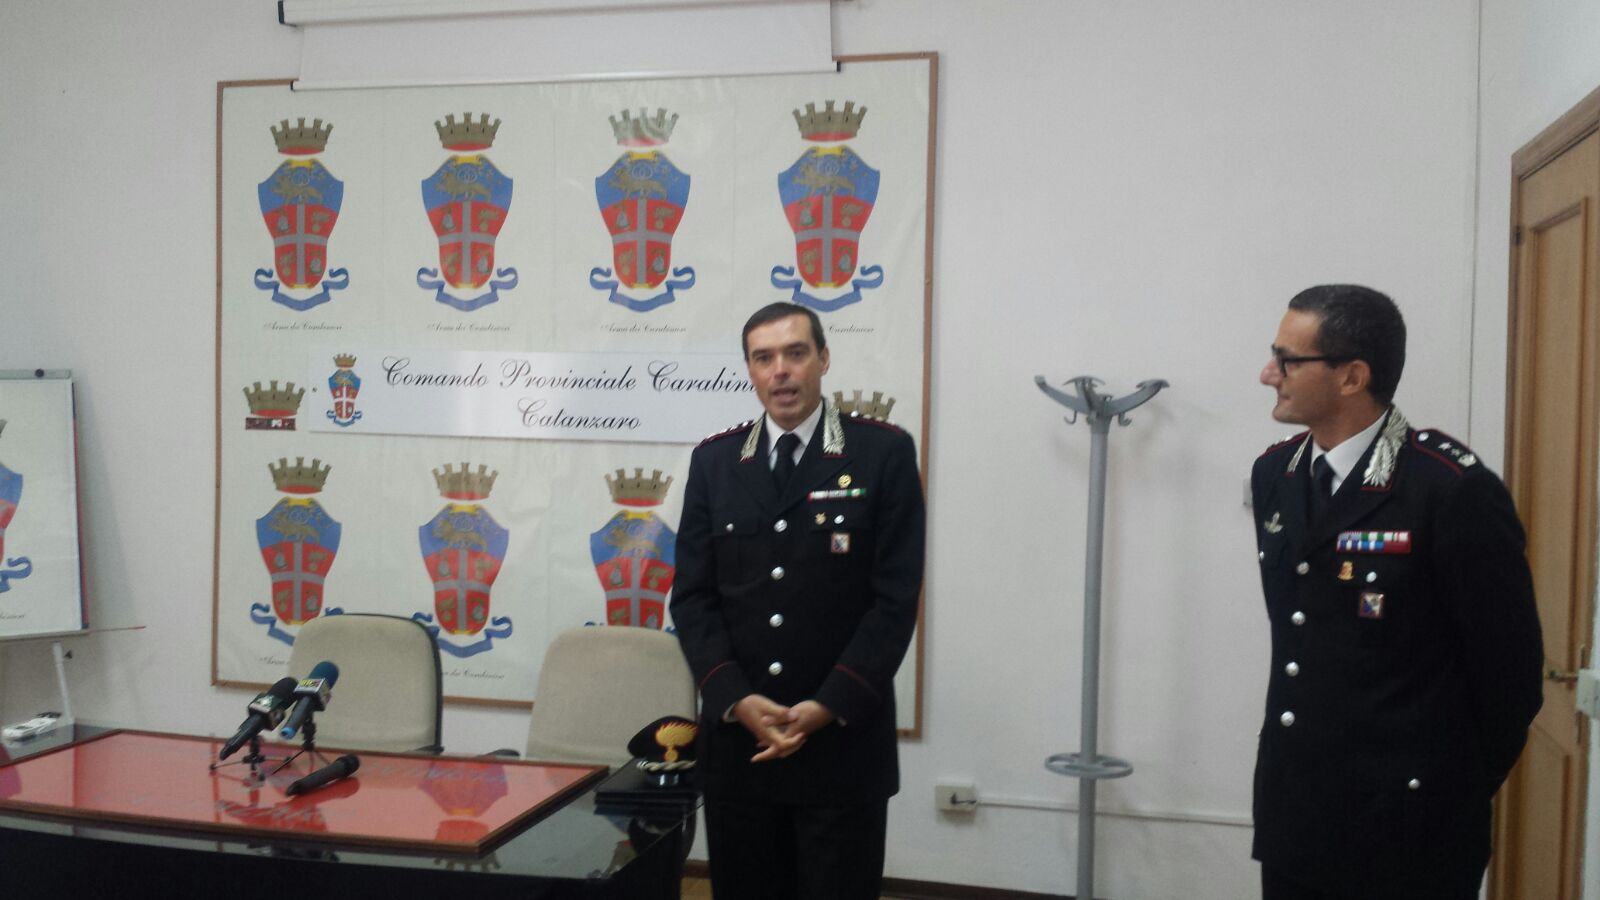 Carabinieri, nuovo comandante provinciale a CatanzaroIl colonnello Pecci:«Importante lavoro sinergico»